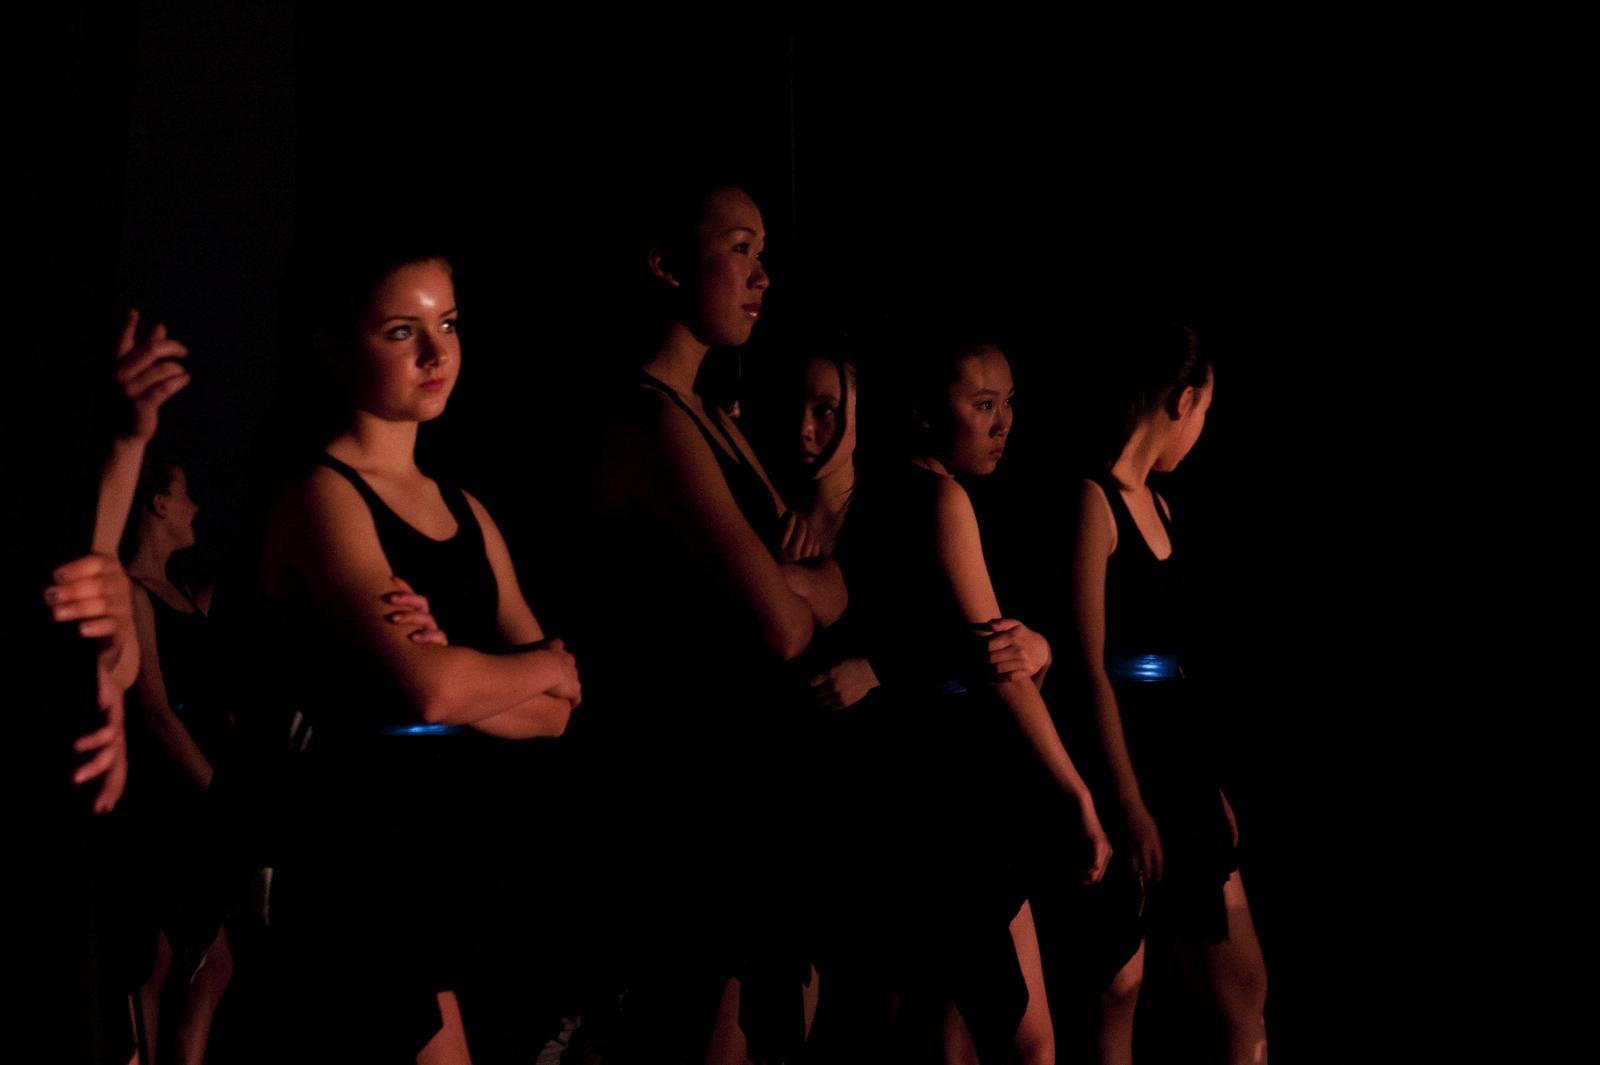 Dancers | West Vancouver, B.C.